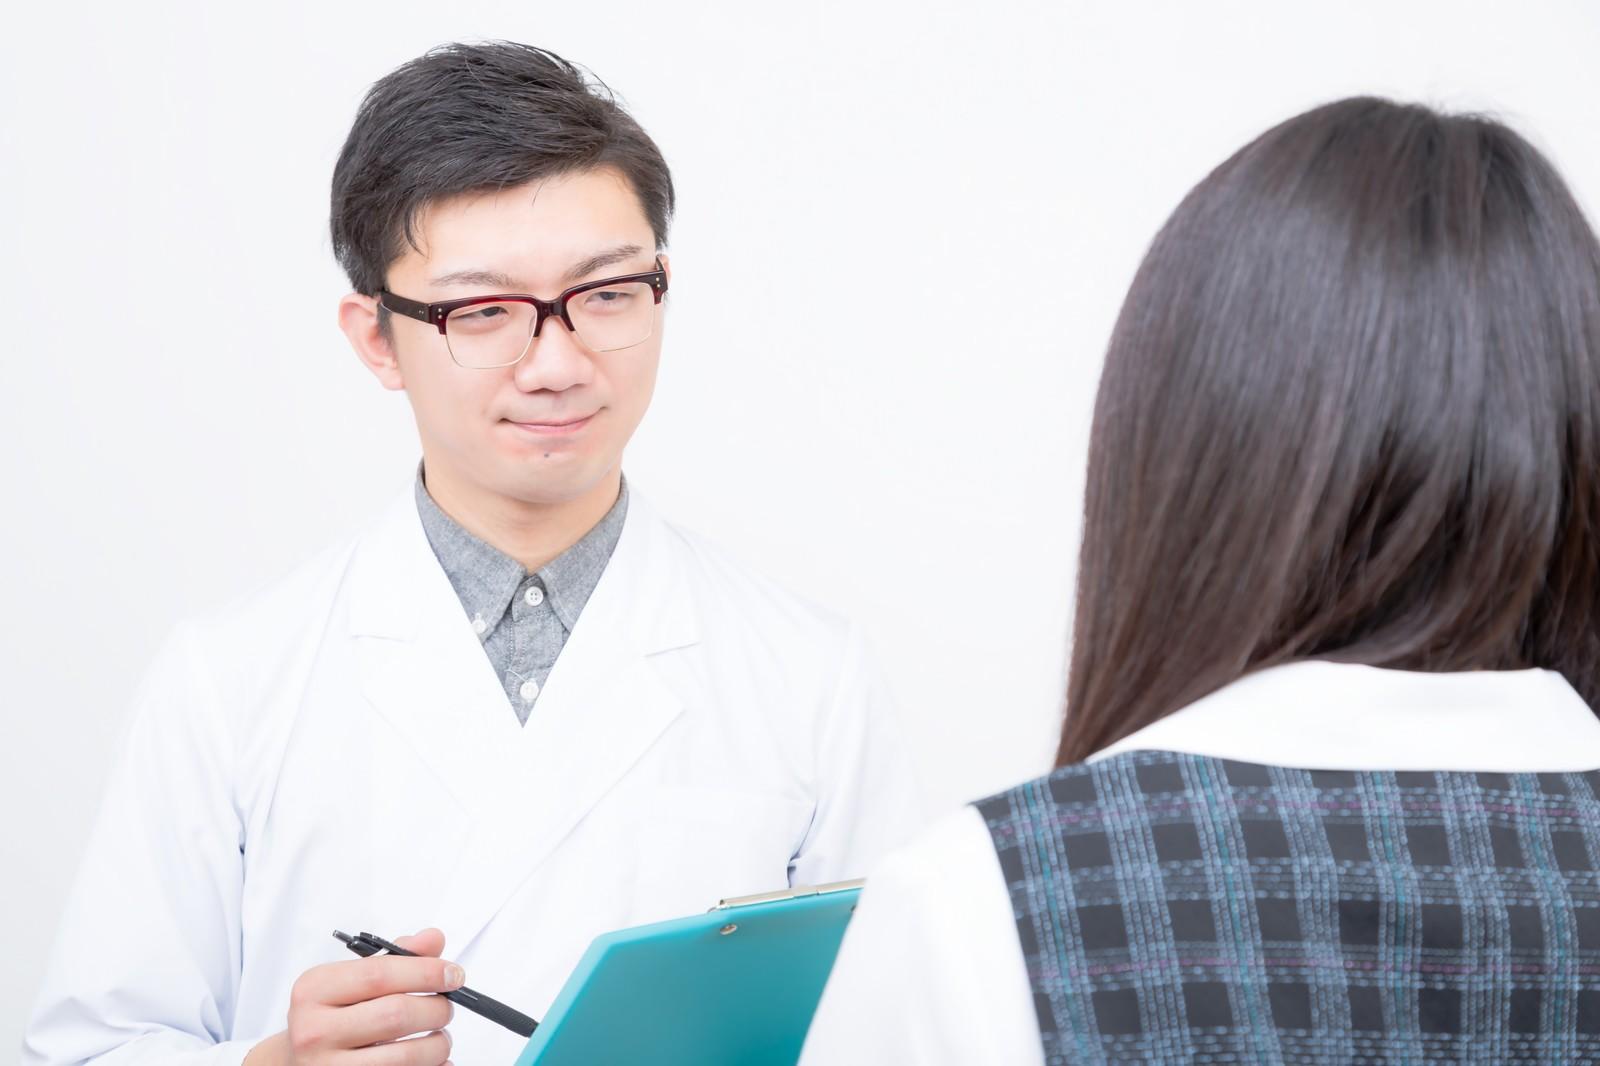 医学部の実習内容